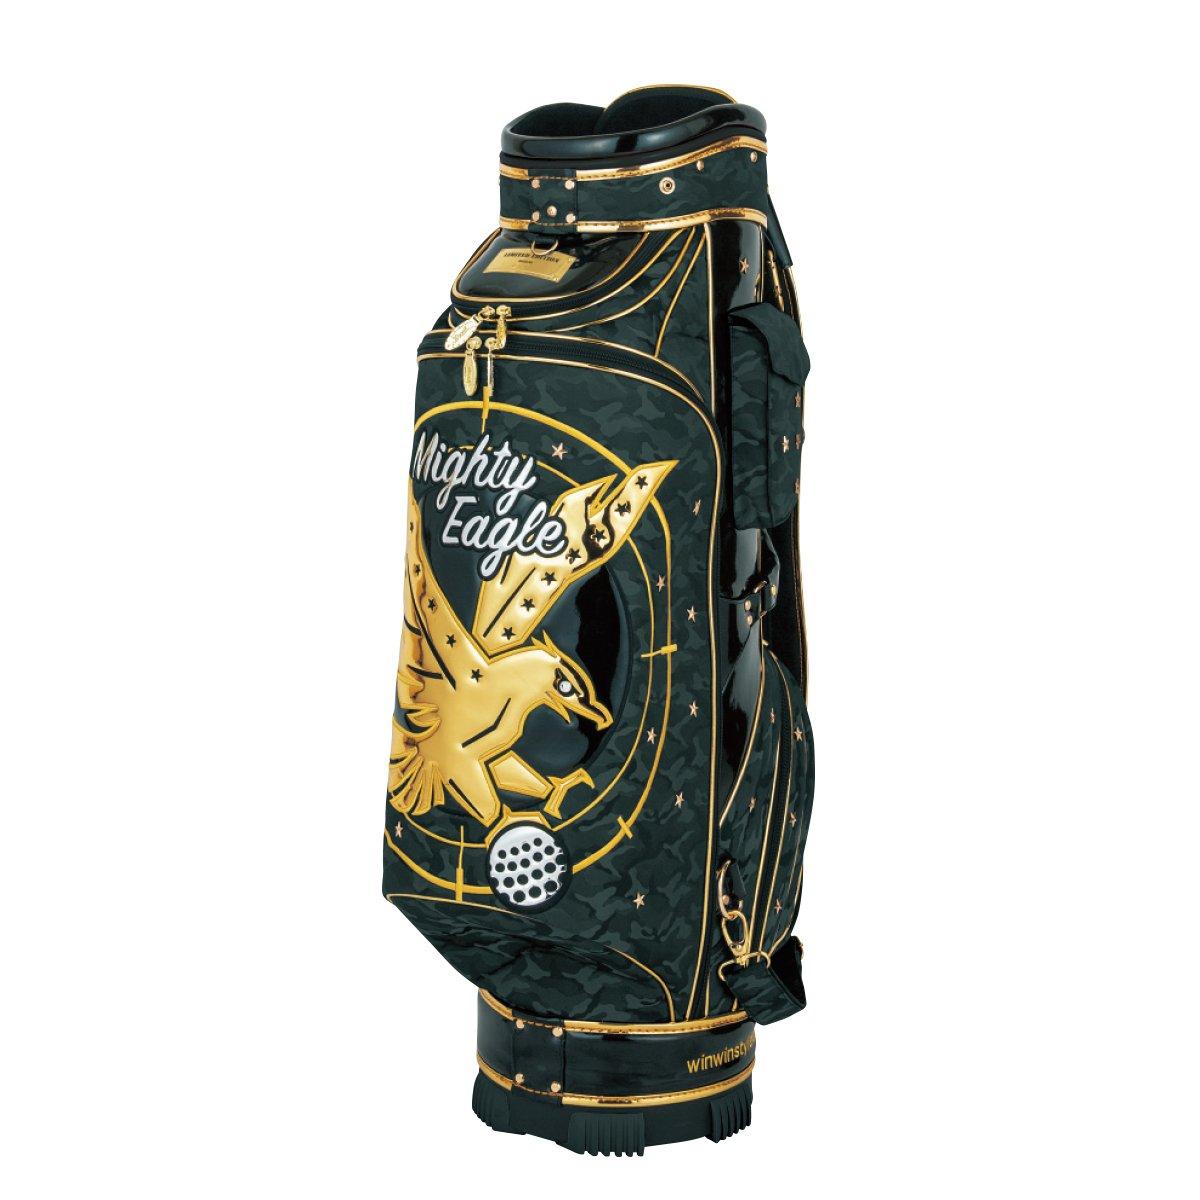 WINWIN STYLE(ウィンウィンスタイル) キャディーバッグ PREMIUM MIGHTY EAGLE CART Bag Gold Ver. 9.0型 47インチ対応 限定モデル ユニセックス CB-344 ブラック デザイン:エナメルアップリケ刺繍 B07B4L98ZB